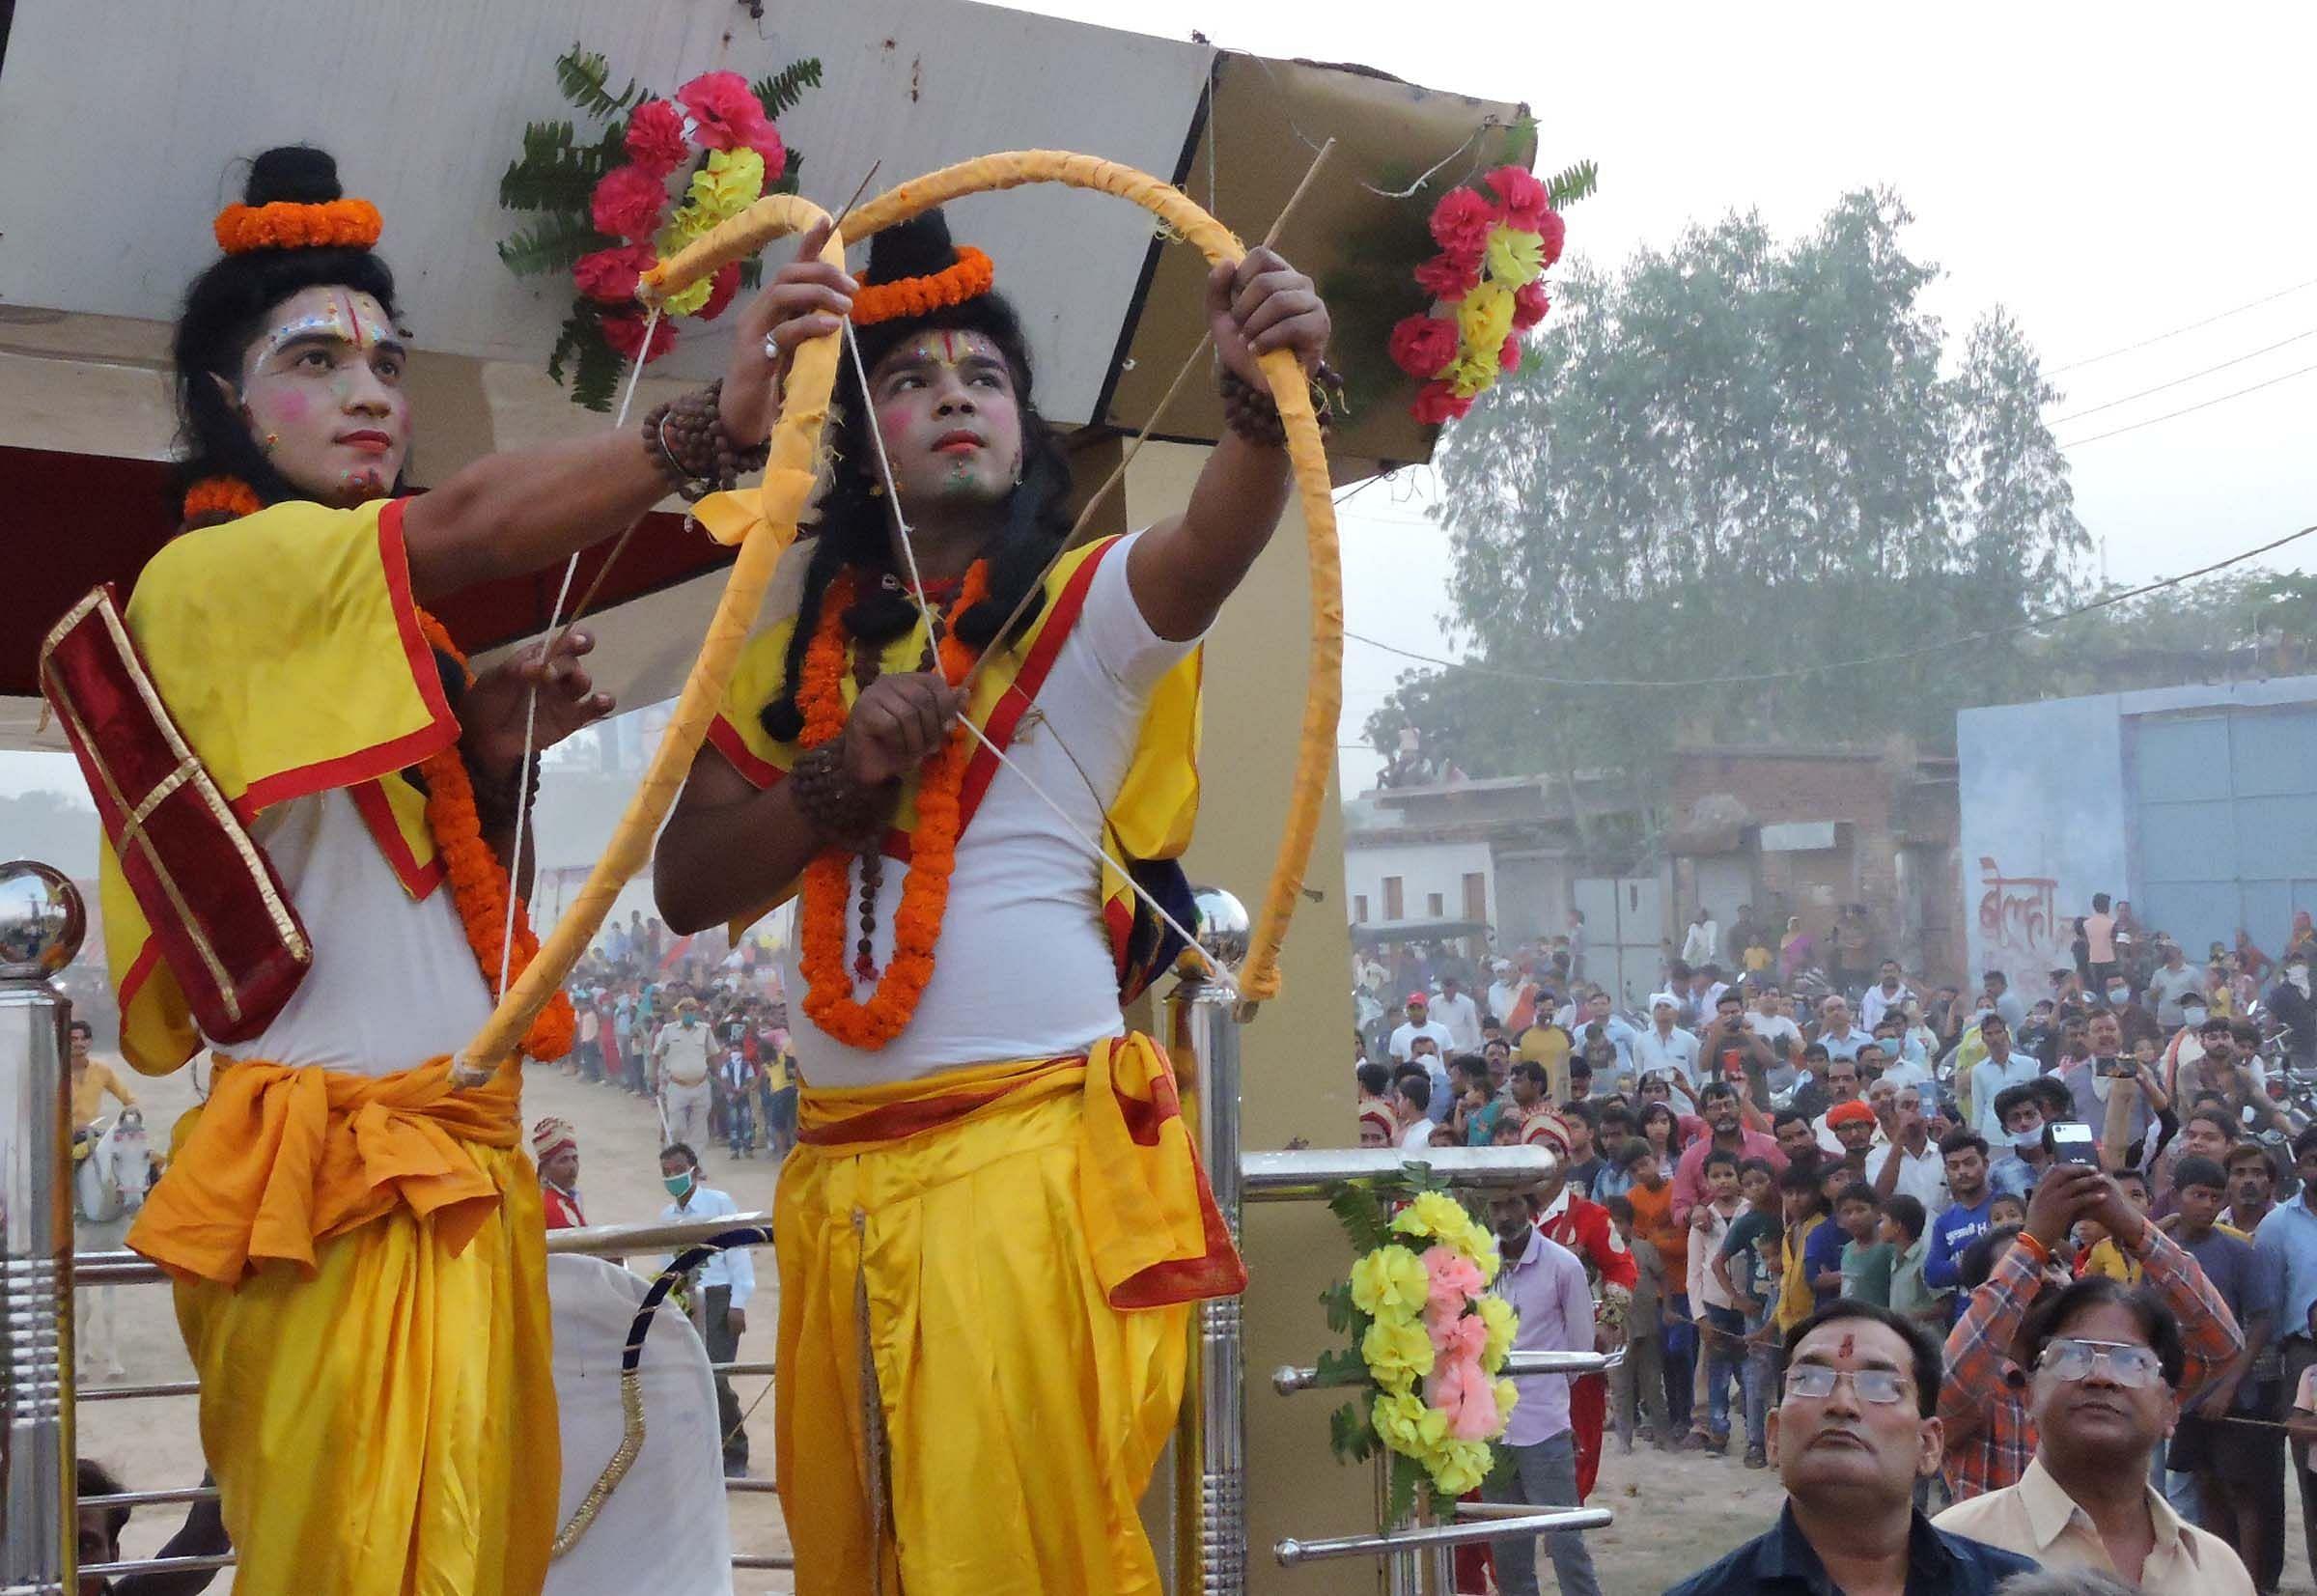 दशहरा पर रामलीला मैदान में रावण के पुतले पर तीर चलाते राम लक्ष्मण।